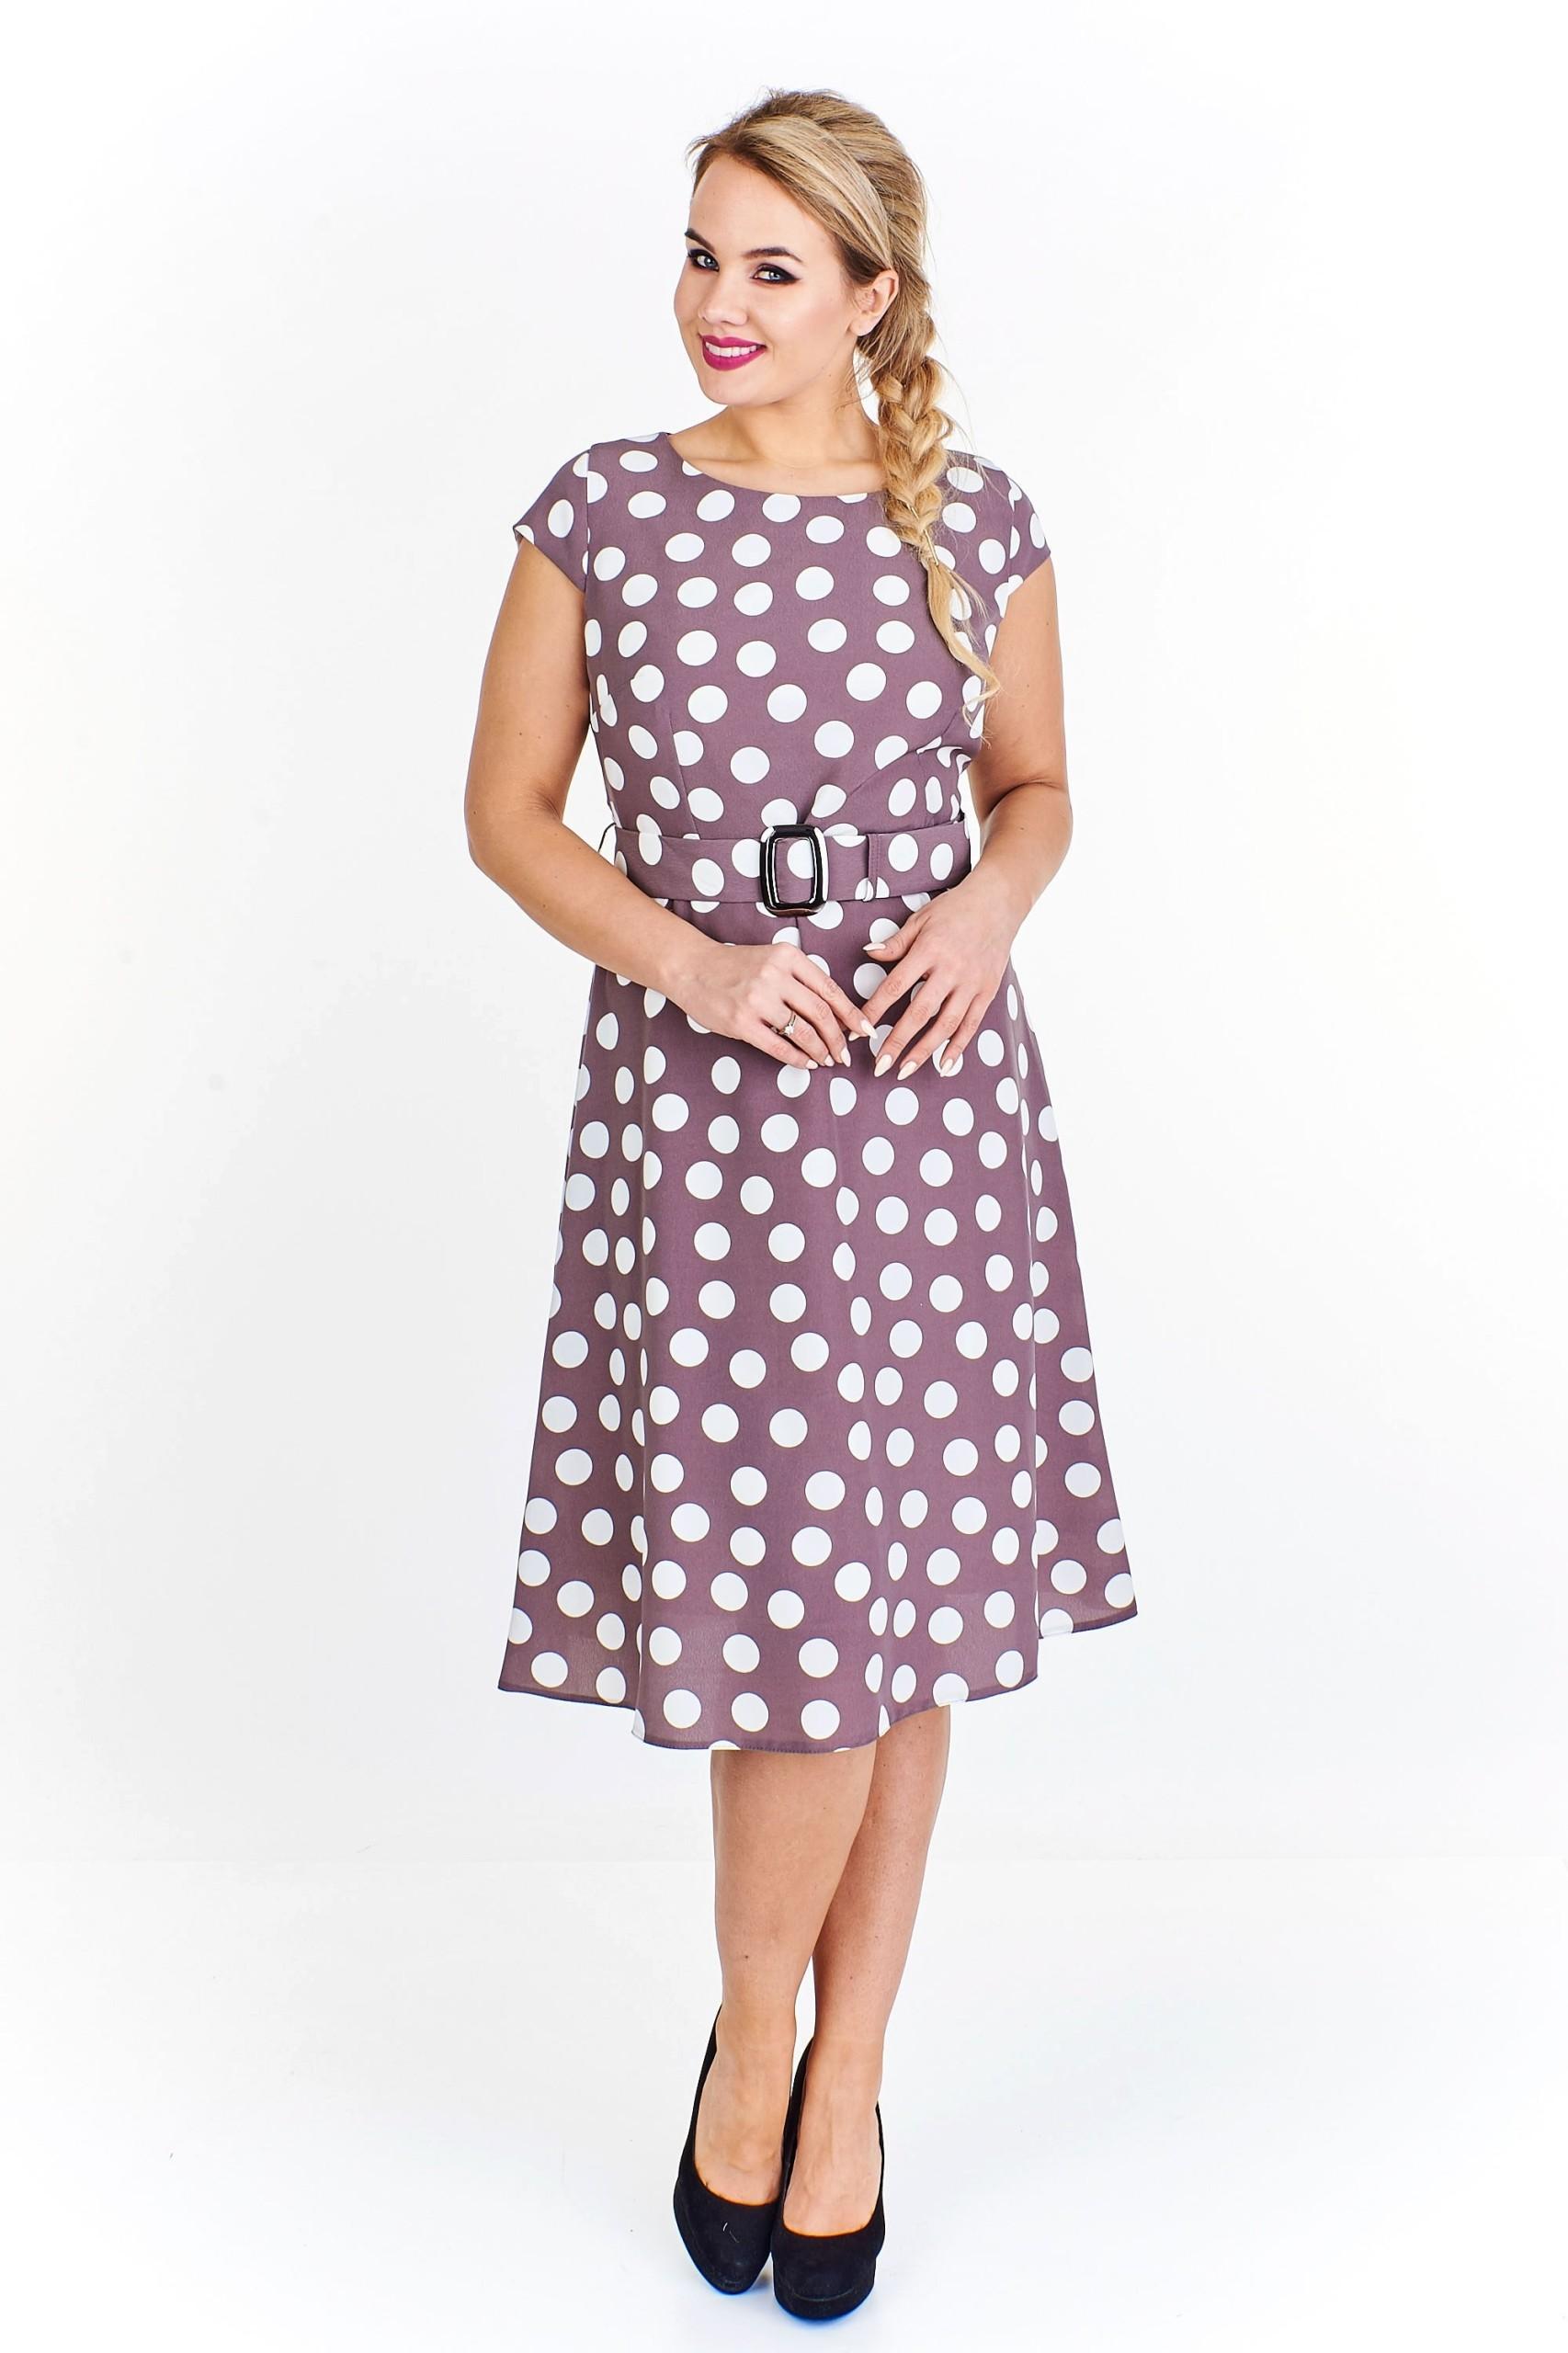 29a2c613 Rozkloszowana sukienka w grochy Beżowy 50 - 7440837656 - oficjalne ...